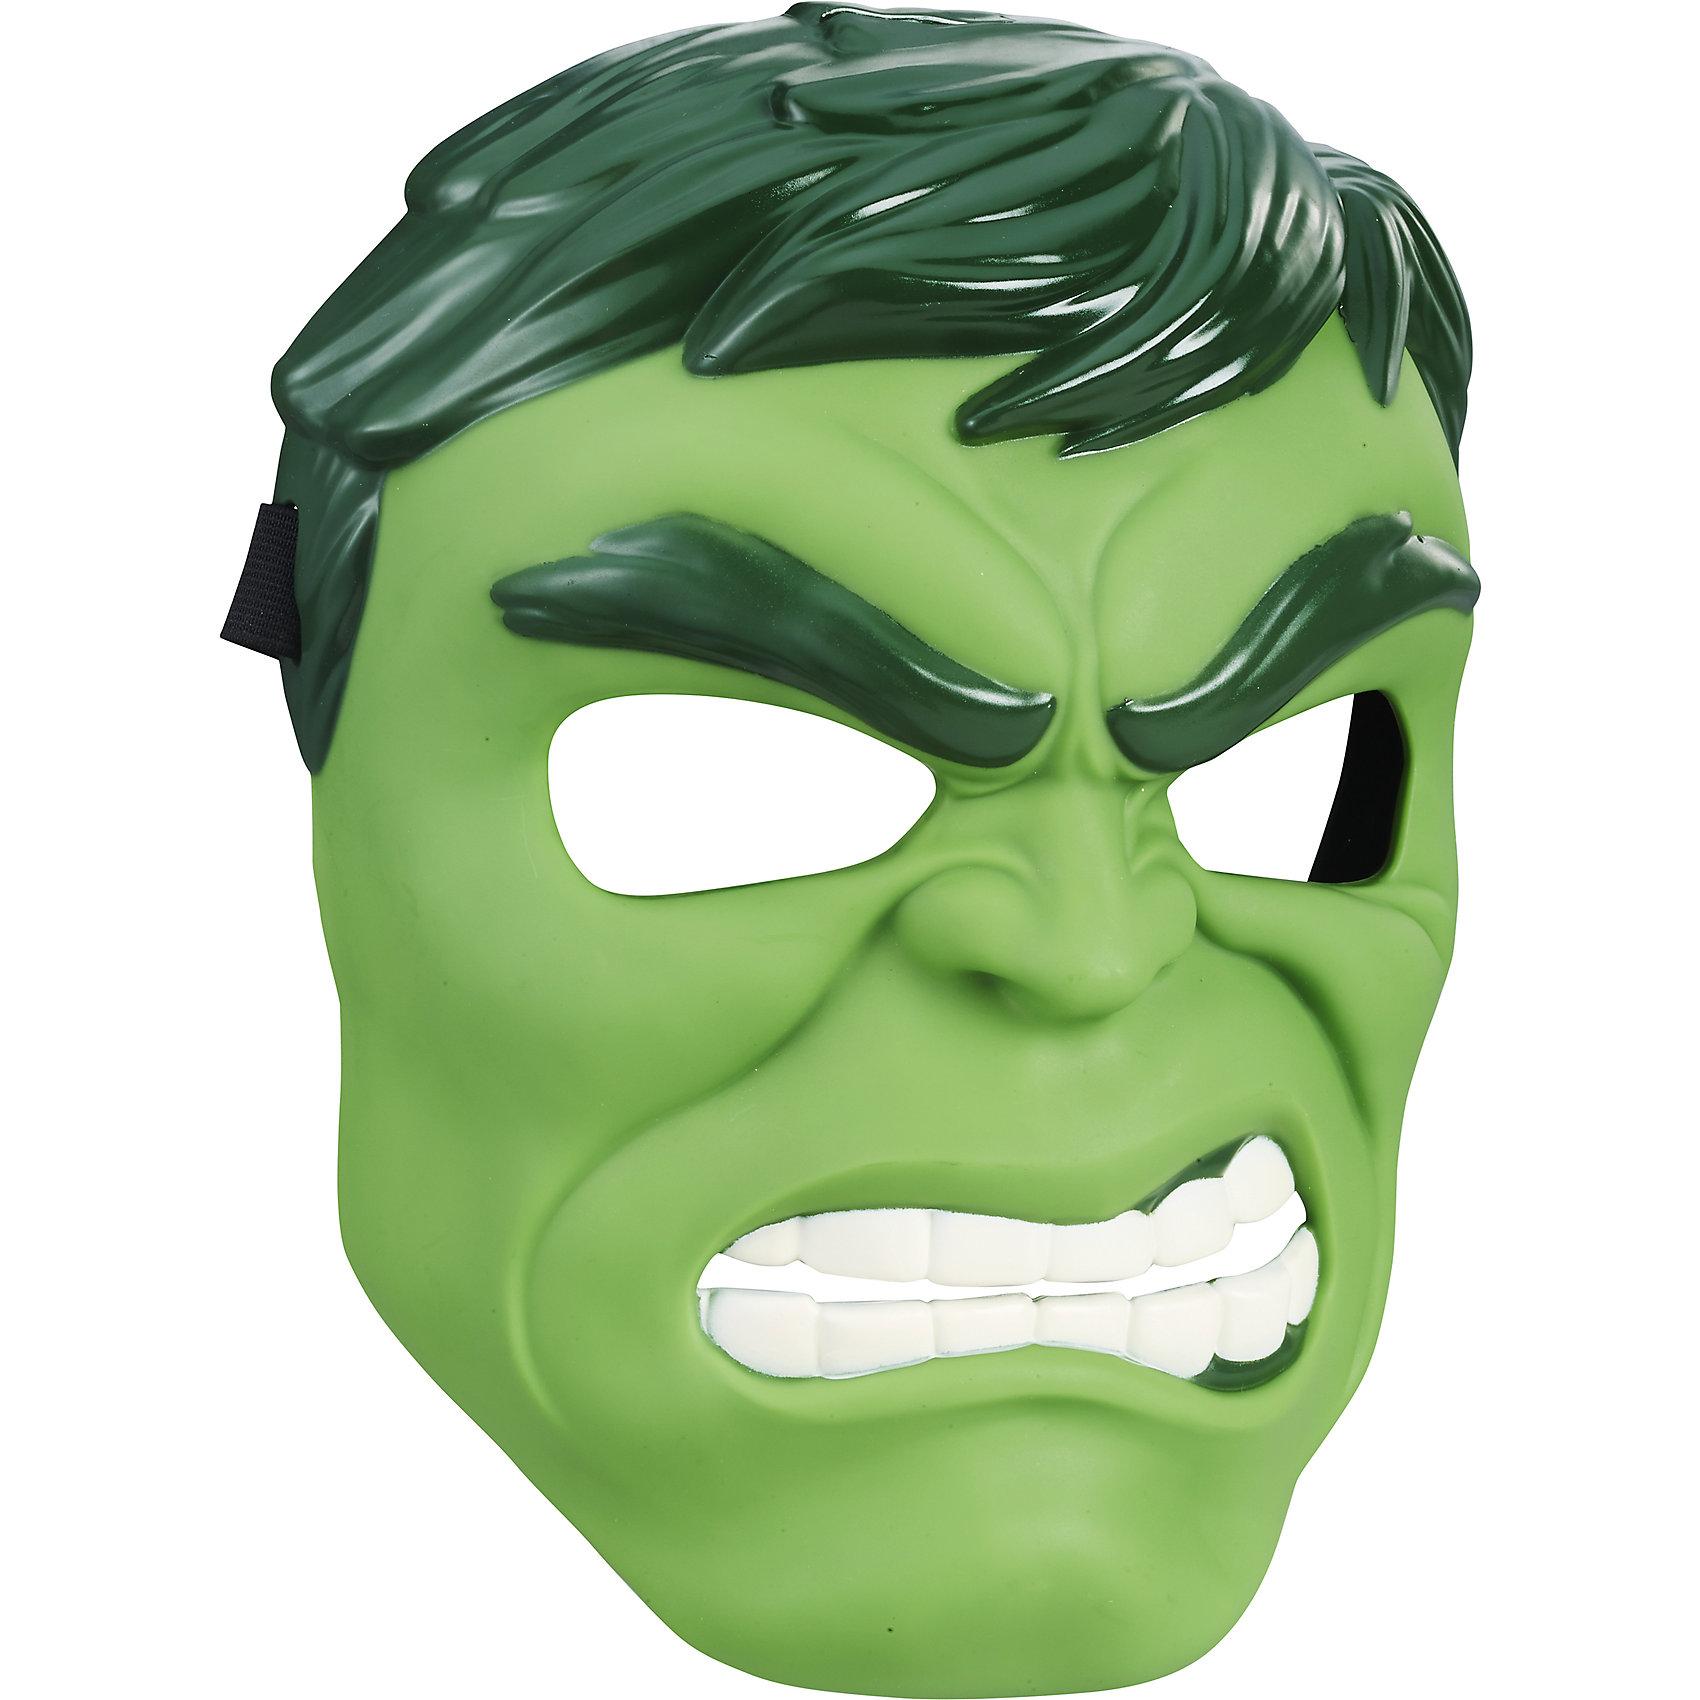 Маска Мстители Халк, HasbroИдеи подарков<br>Характеристики:<br><br>• возраст: от 5 лет<br>• материал: пластик<br>• размер упаковки:290х119х10 мм.<br>• вес: 140 гр.<br><br>Маска Халка от Hasbro (Хасбро) поможет ребенку представить себя супергероем, которой спасает мир от злодеев и погрузиться с друзьями в увлекательный игровой процесс. Маска выполнена очень реалистично, все детали тщательно проработаны. Она надежно закрепляется на голове ребенка с помощью эластичной резинки. Изделие изготовлено из качественного пластика и наверняка понравится поклонникам этого героя.<br><br>Маску Мстителя, B9945/C0482, Мстители, Hasbro (Хасбро) можно купить в нашем интернет-магазине.<br><br>Ширина мм: 290<br>Глубина мм: 119<br>Высота мм: 10<br>Вес г: 140<br>Возраст от месяцев: 60<br>Возраст до месяцев: 2147483647<br>Пол: Мужской<br>Возраст: Детский<br>SKU: 6711762